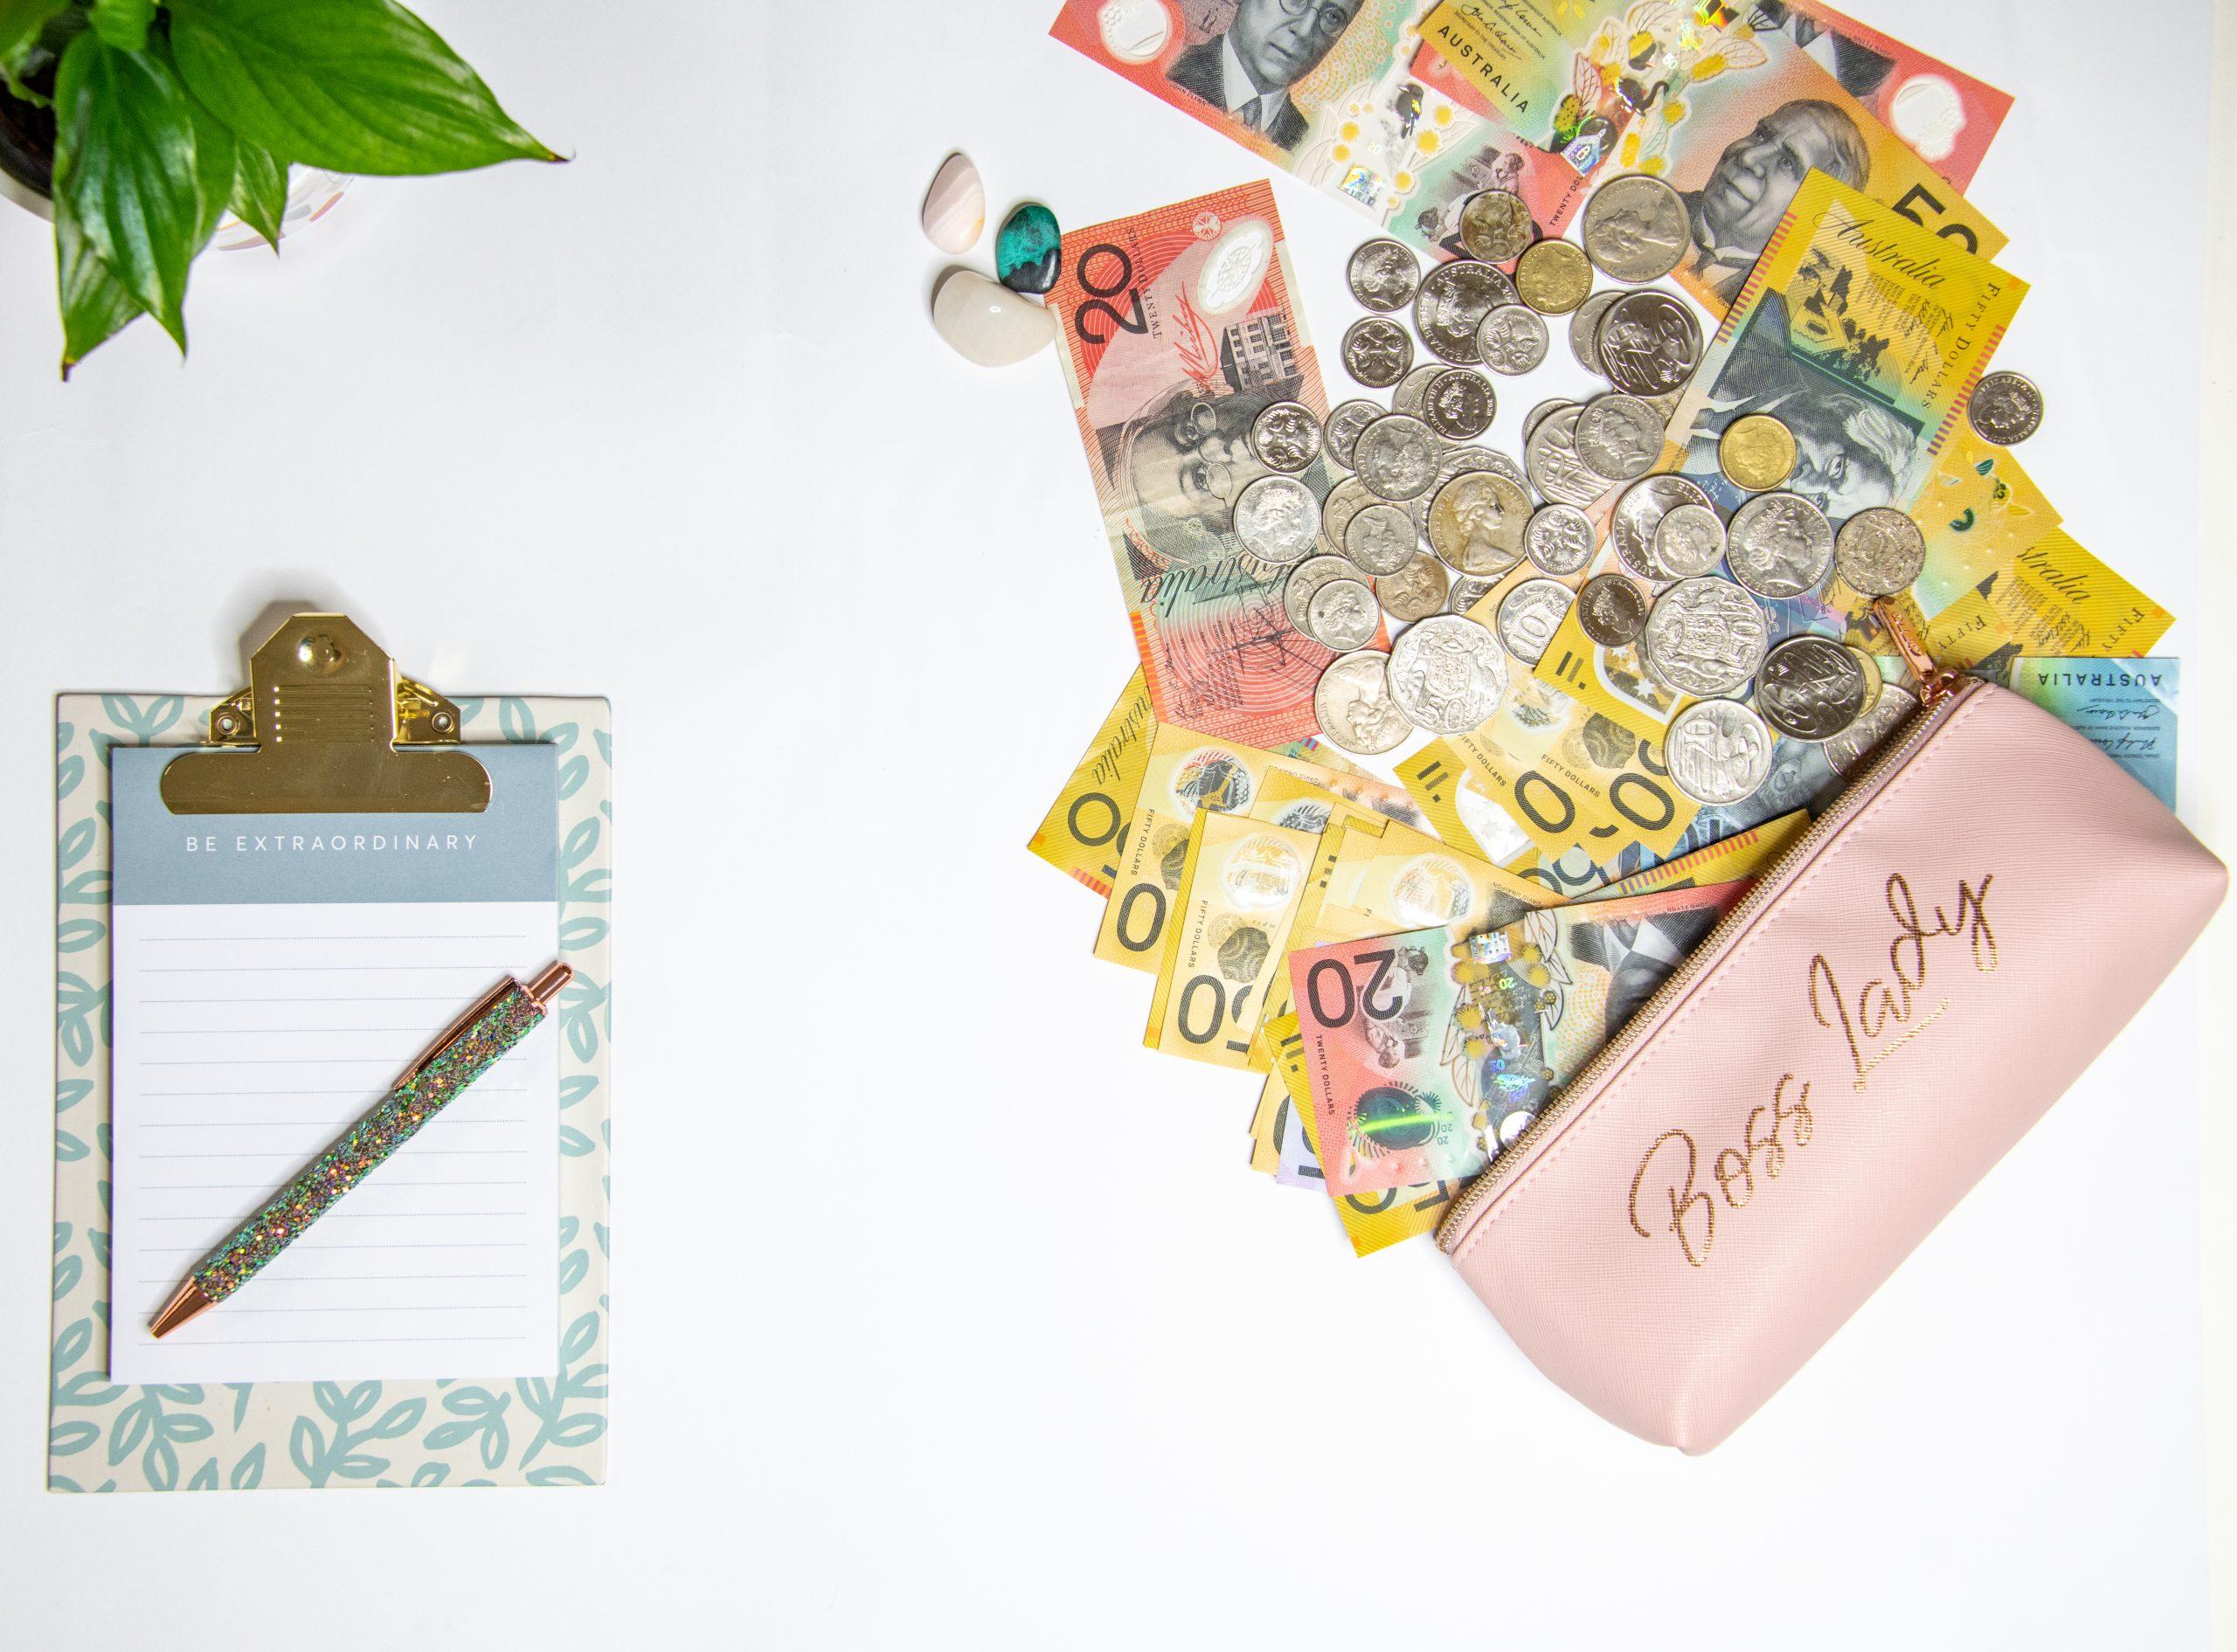 5 Ways to Make or Save $2,000